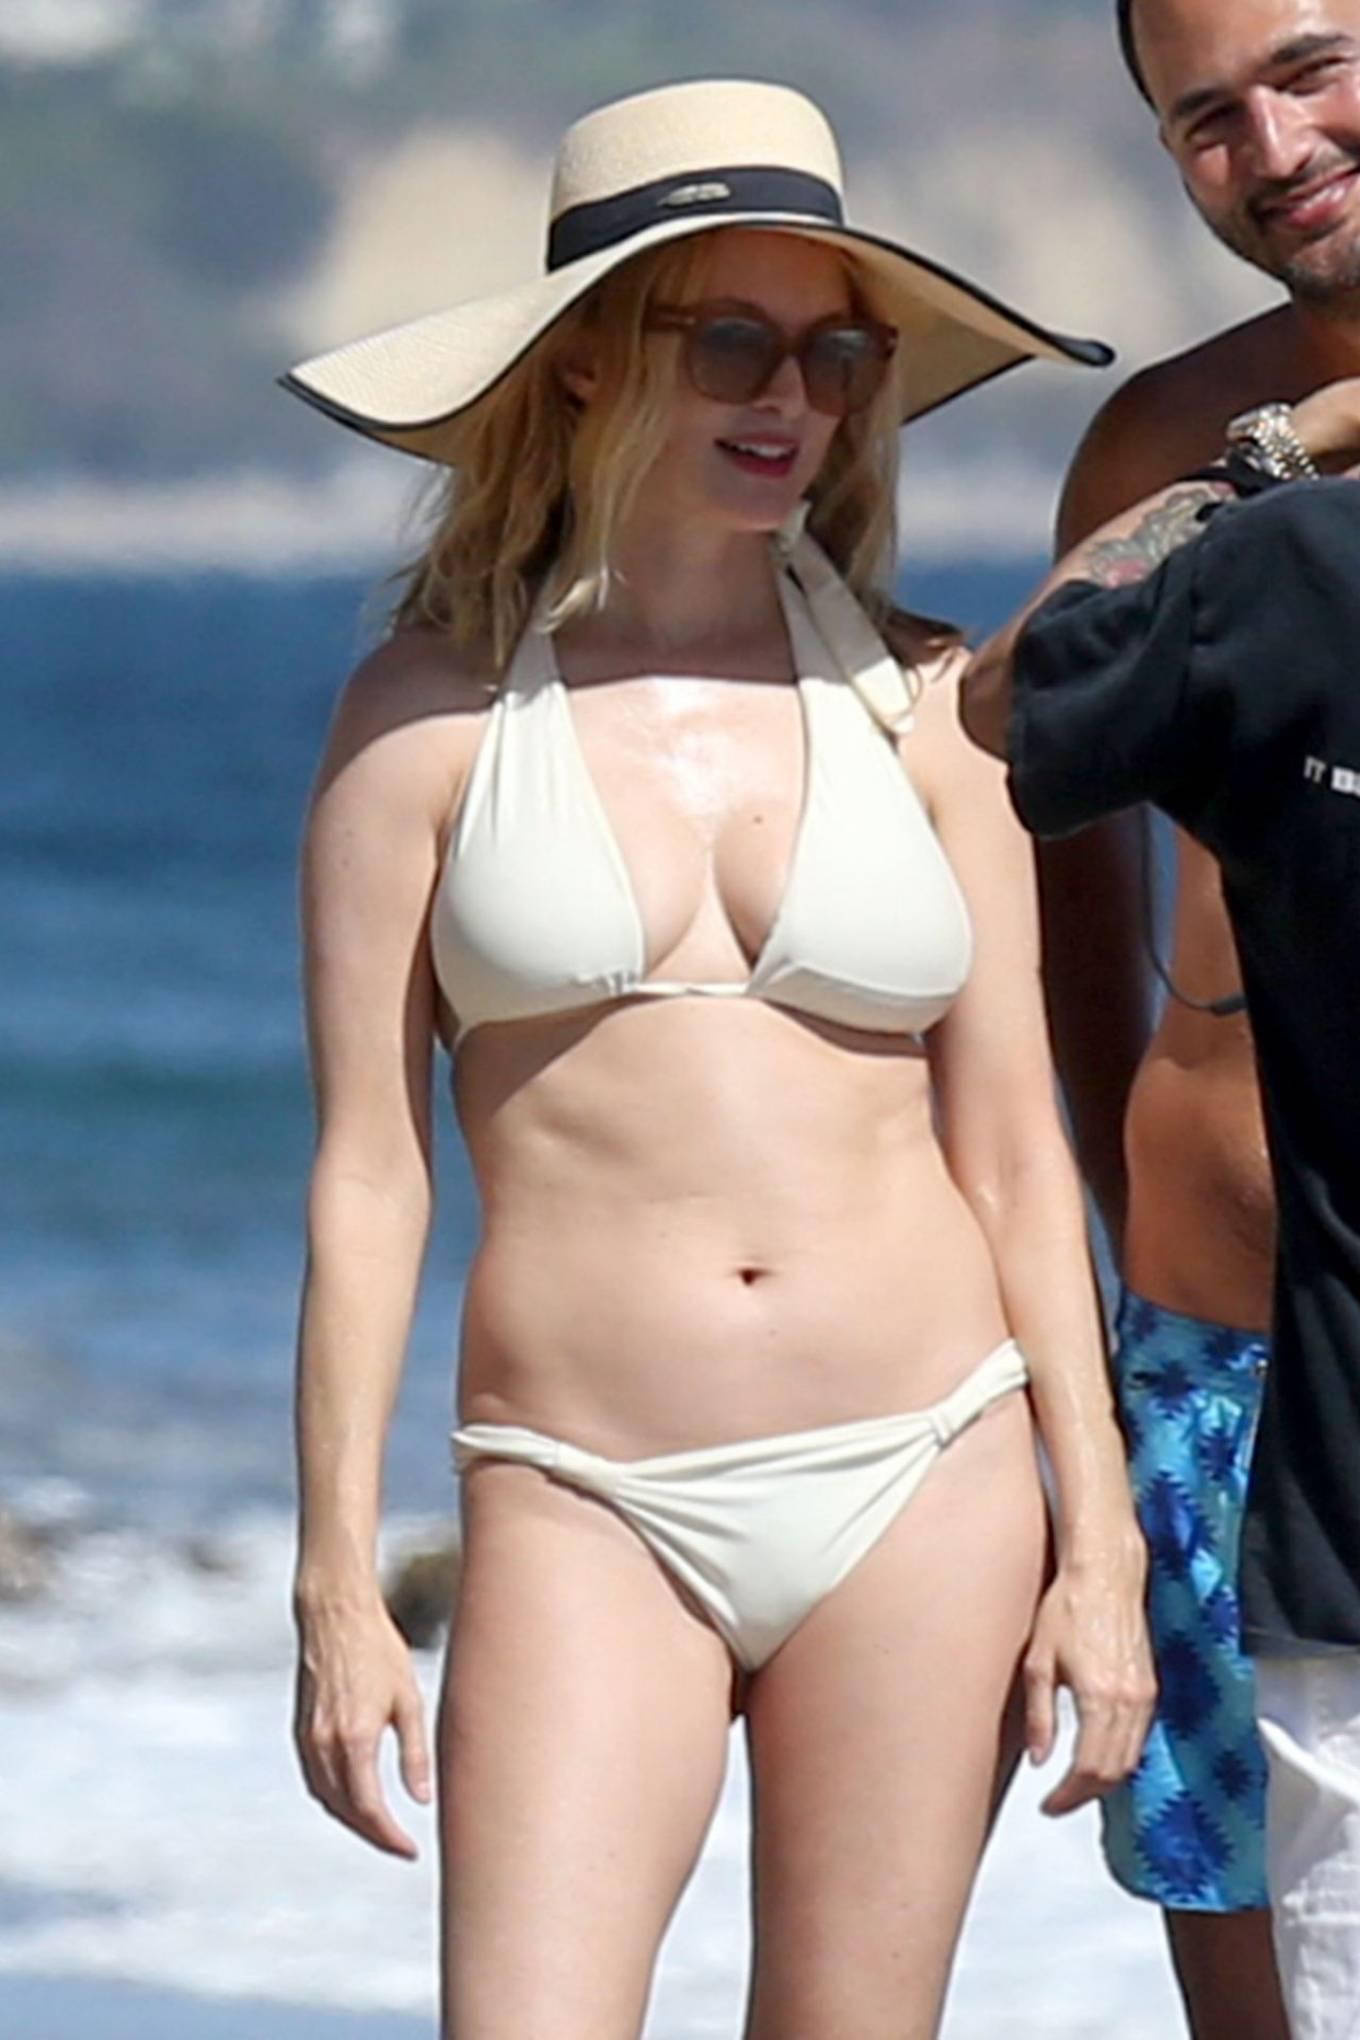 Heather Graham in Bikini on the beach in Malibu